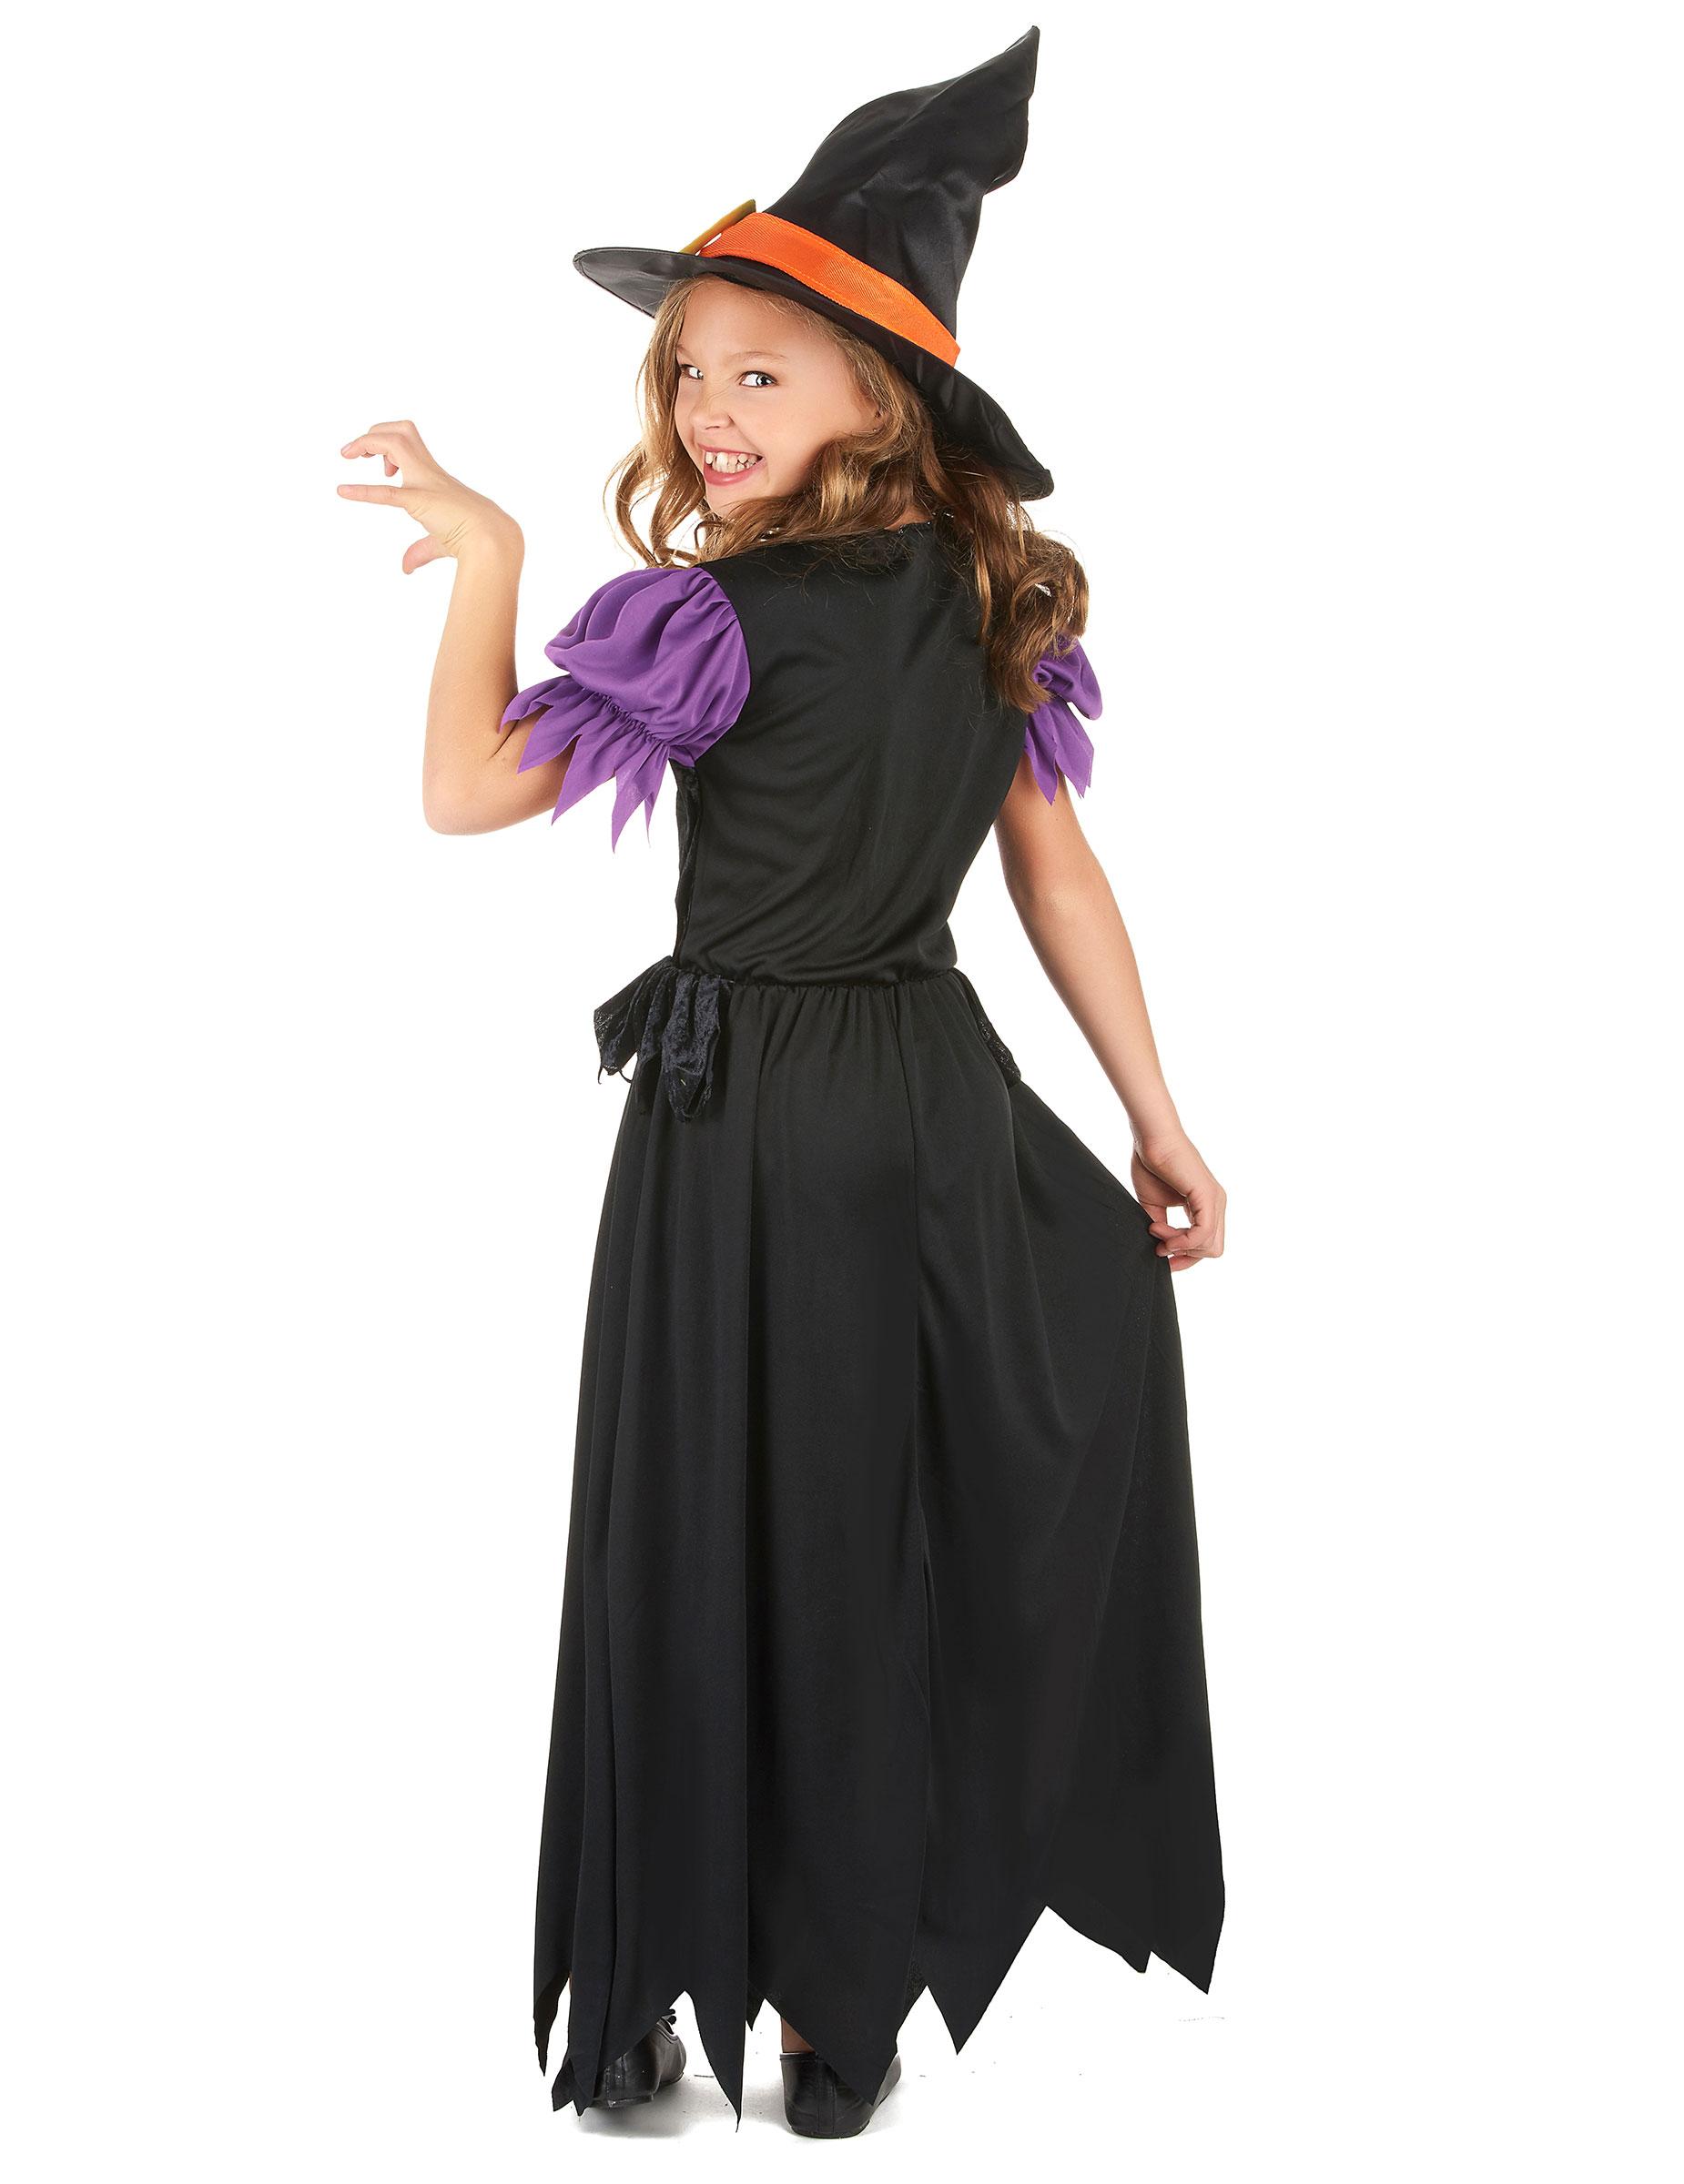 Vestiti Halloween Strega.Costume Strega Nero E Arancione Bambina